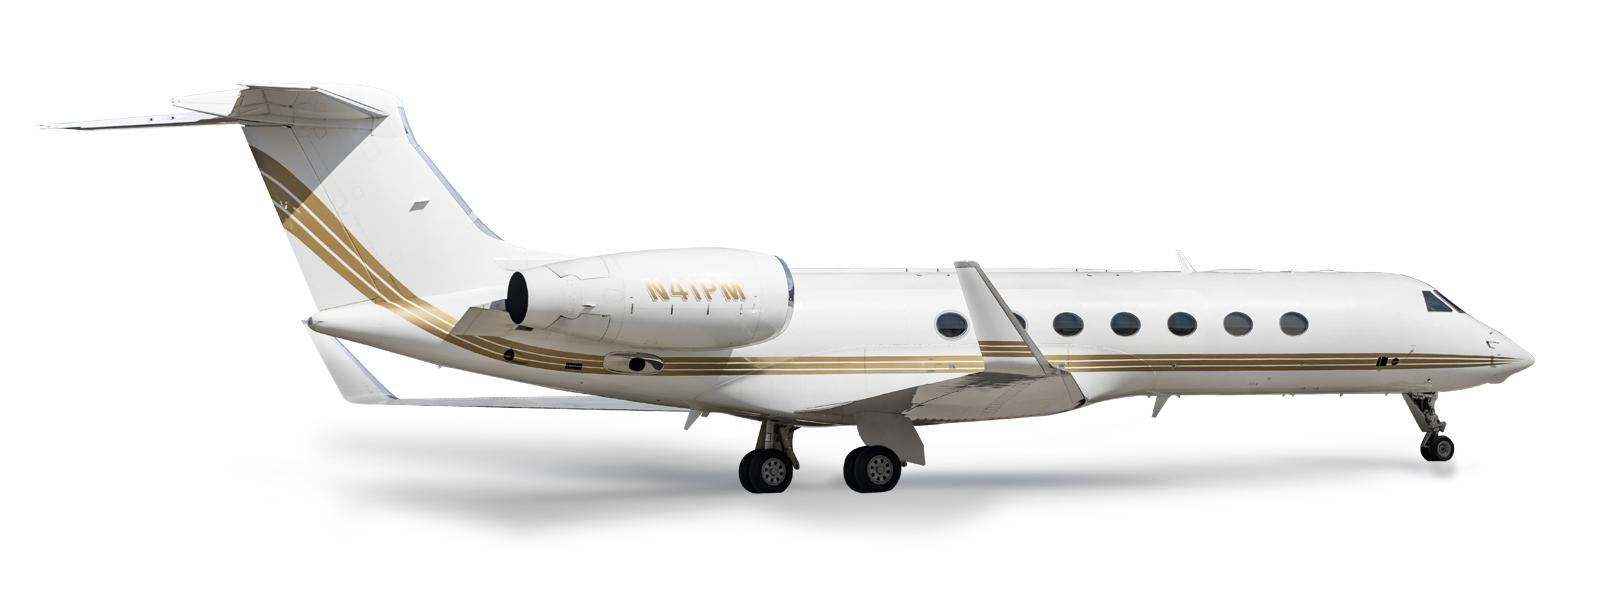 Gulfstream G550 Side